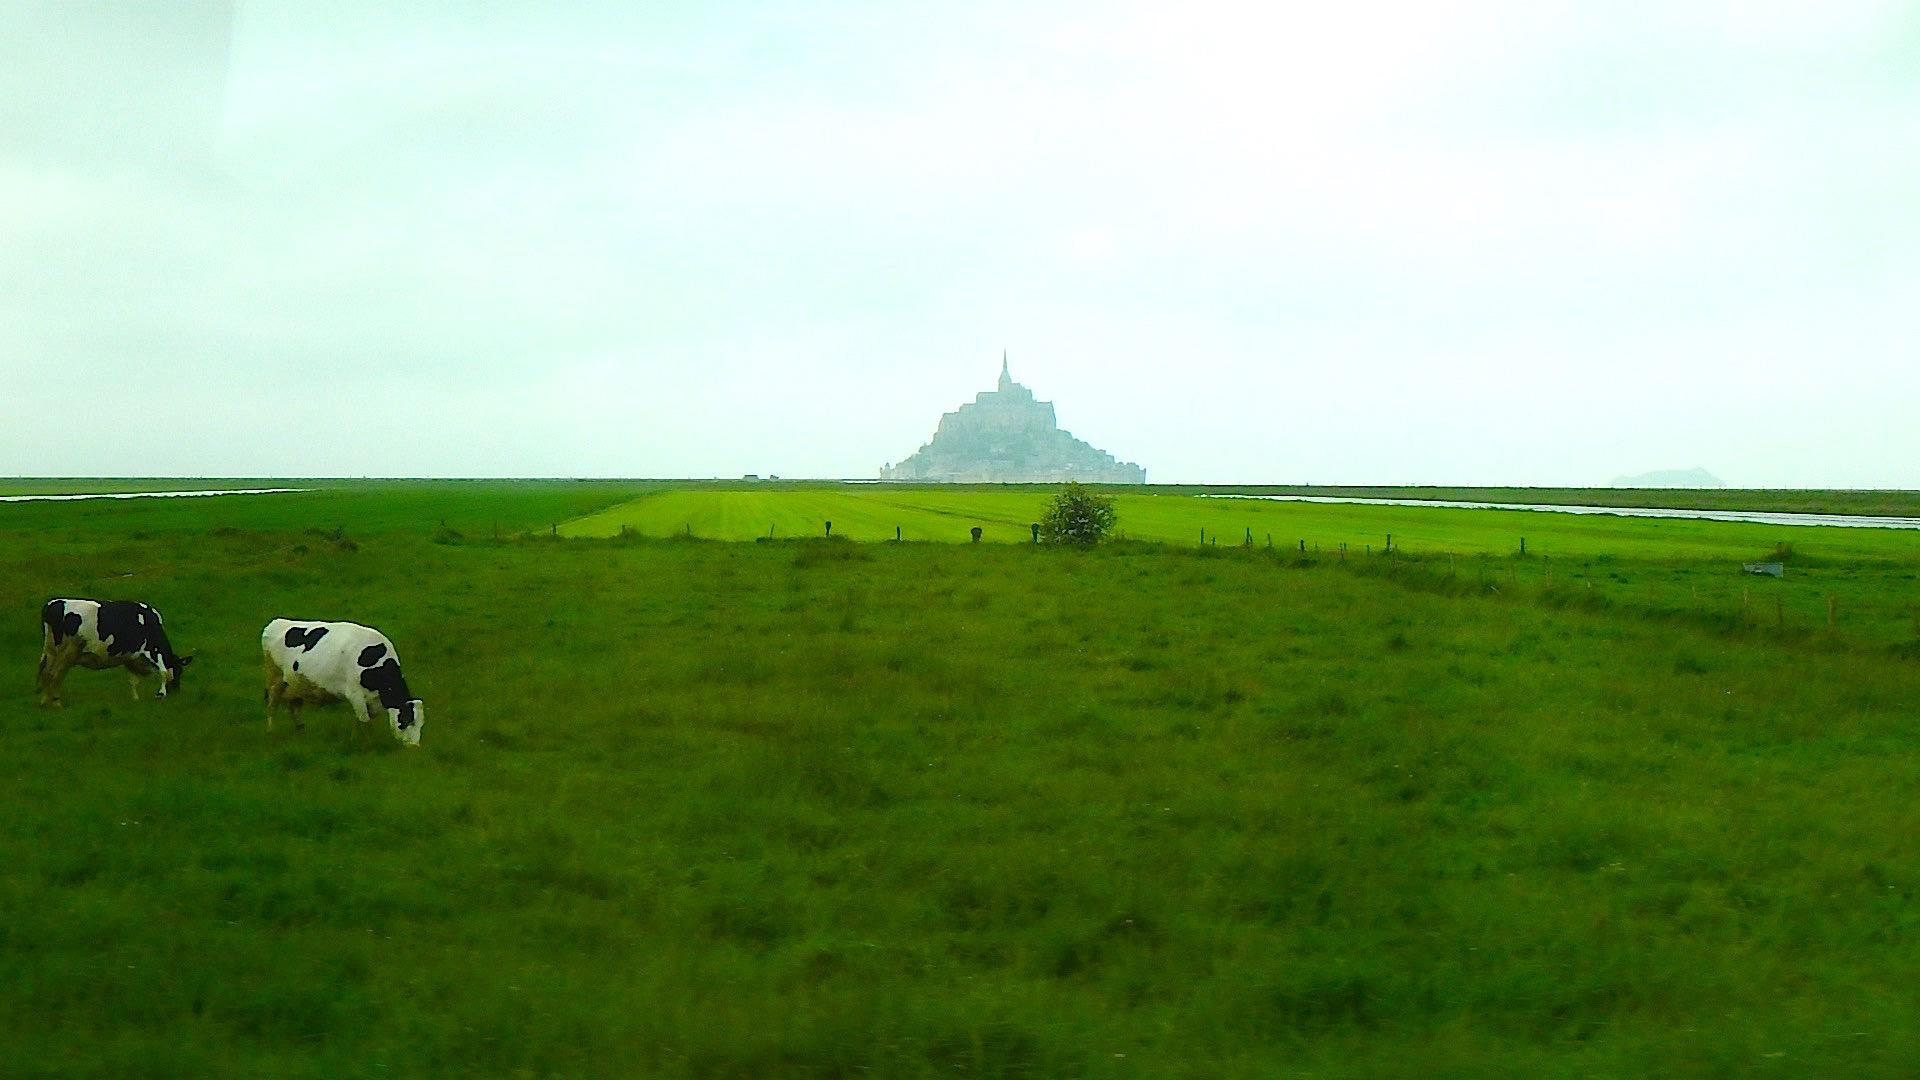 霧の中に現れる幻想的なモンサンミッシェルと牧場